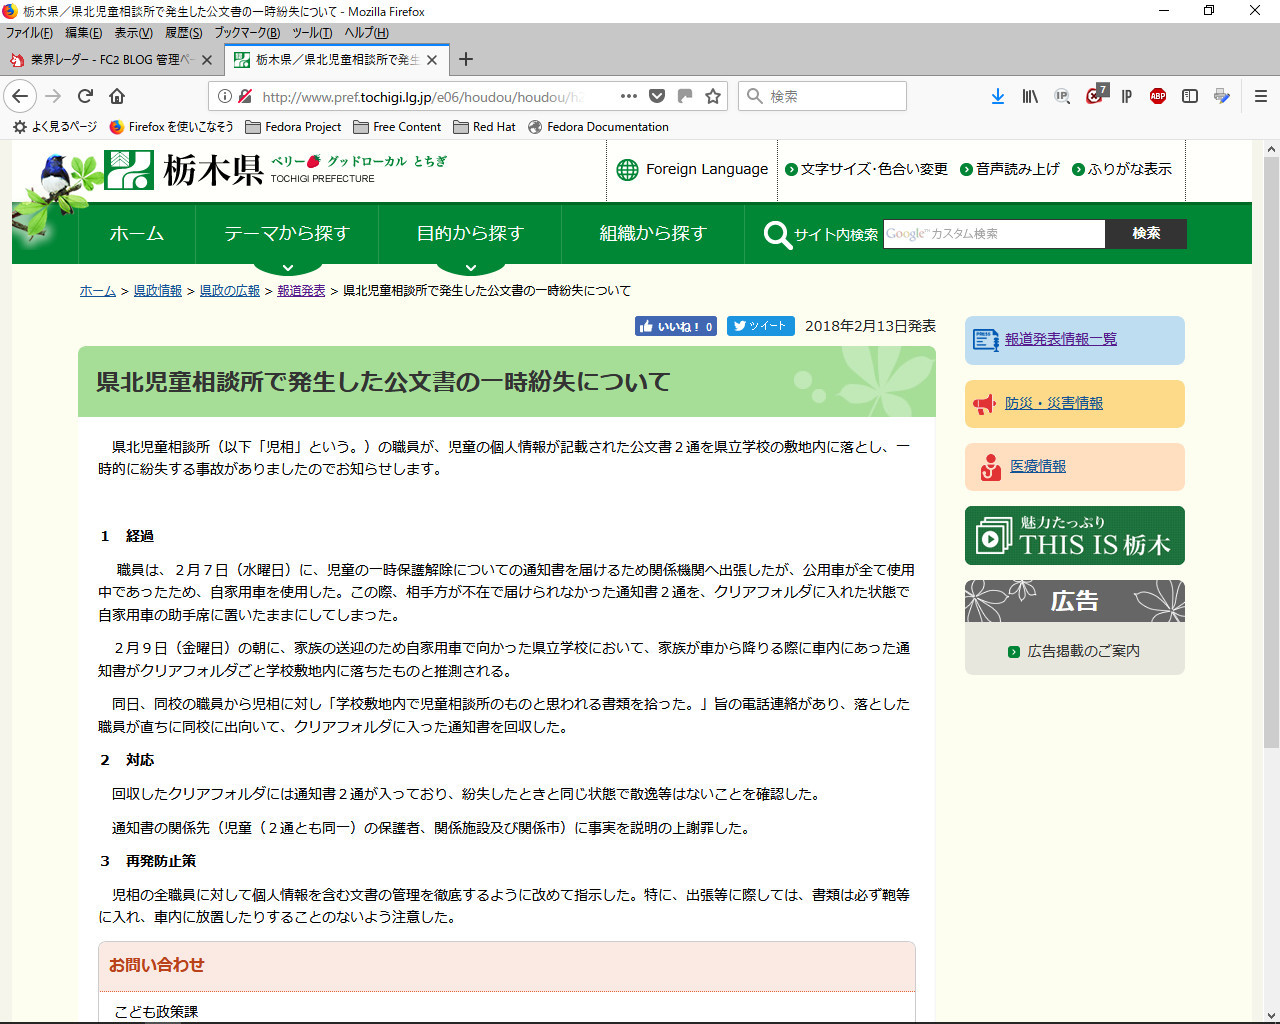 30年栃木県県北児相の事故を伝える県庁のオフィシャルページ